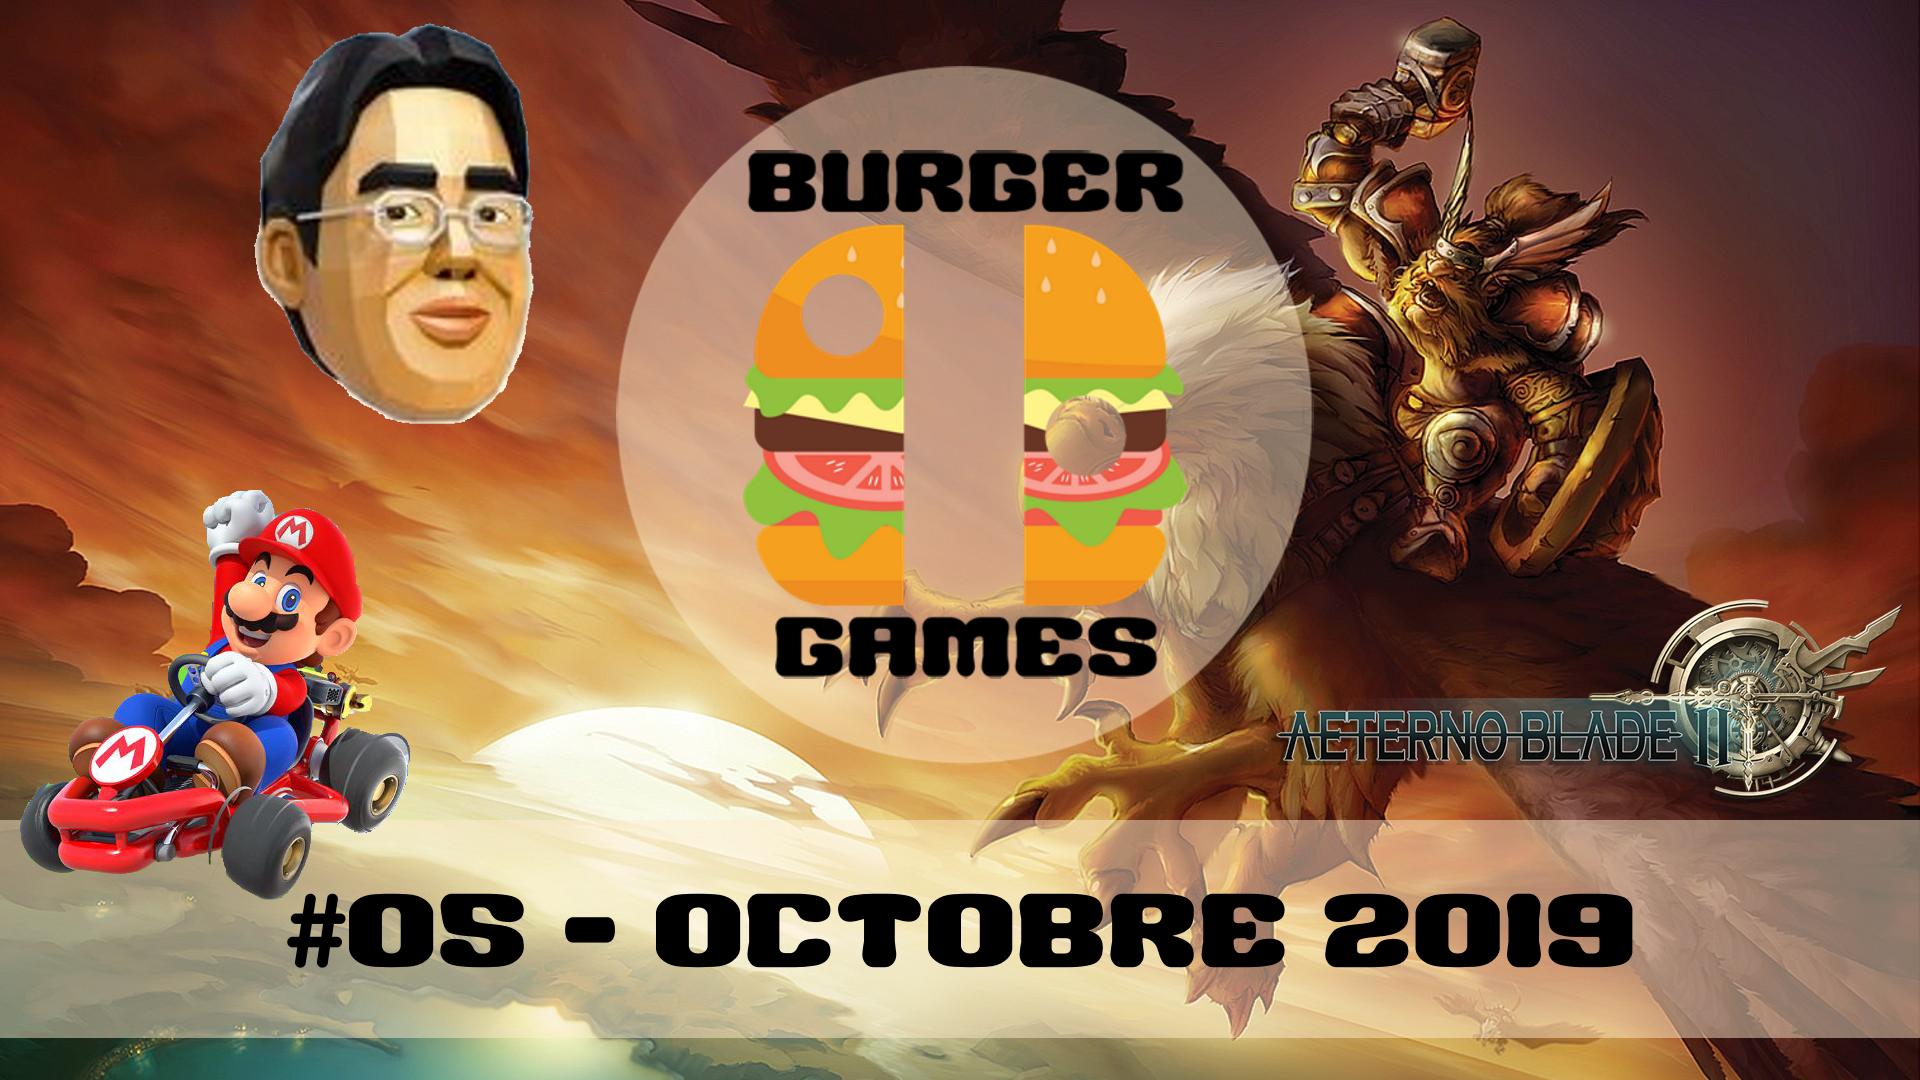 BurgerGames - 05